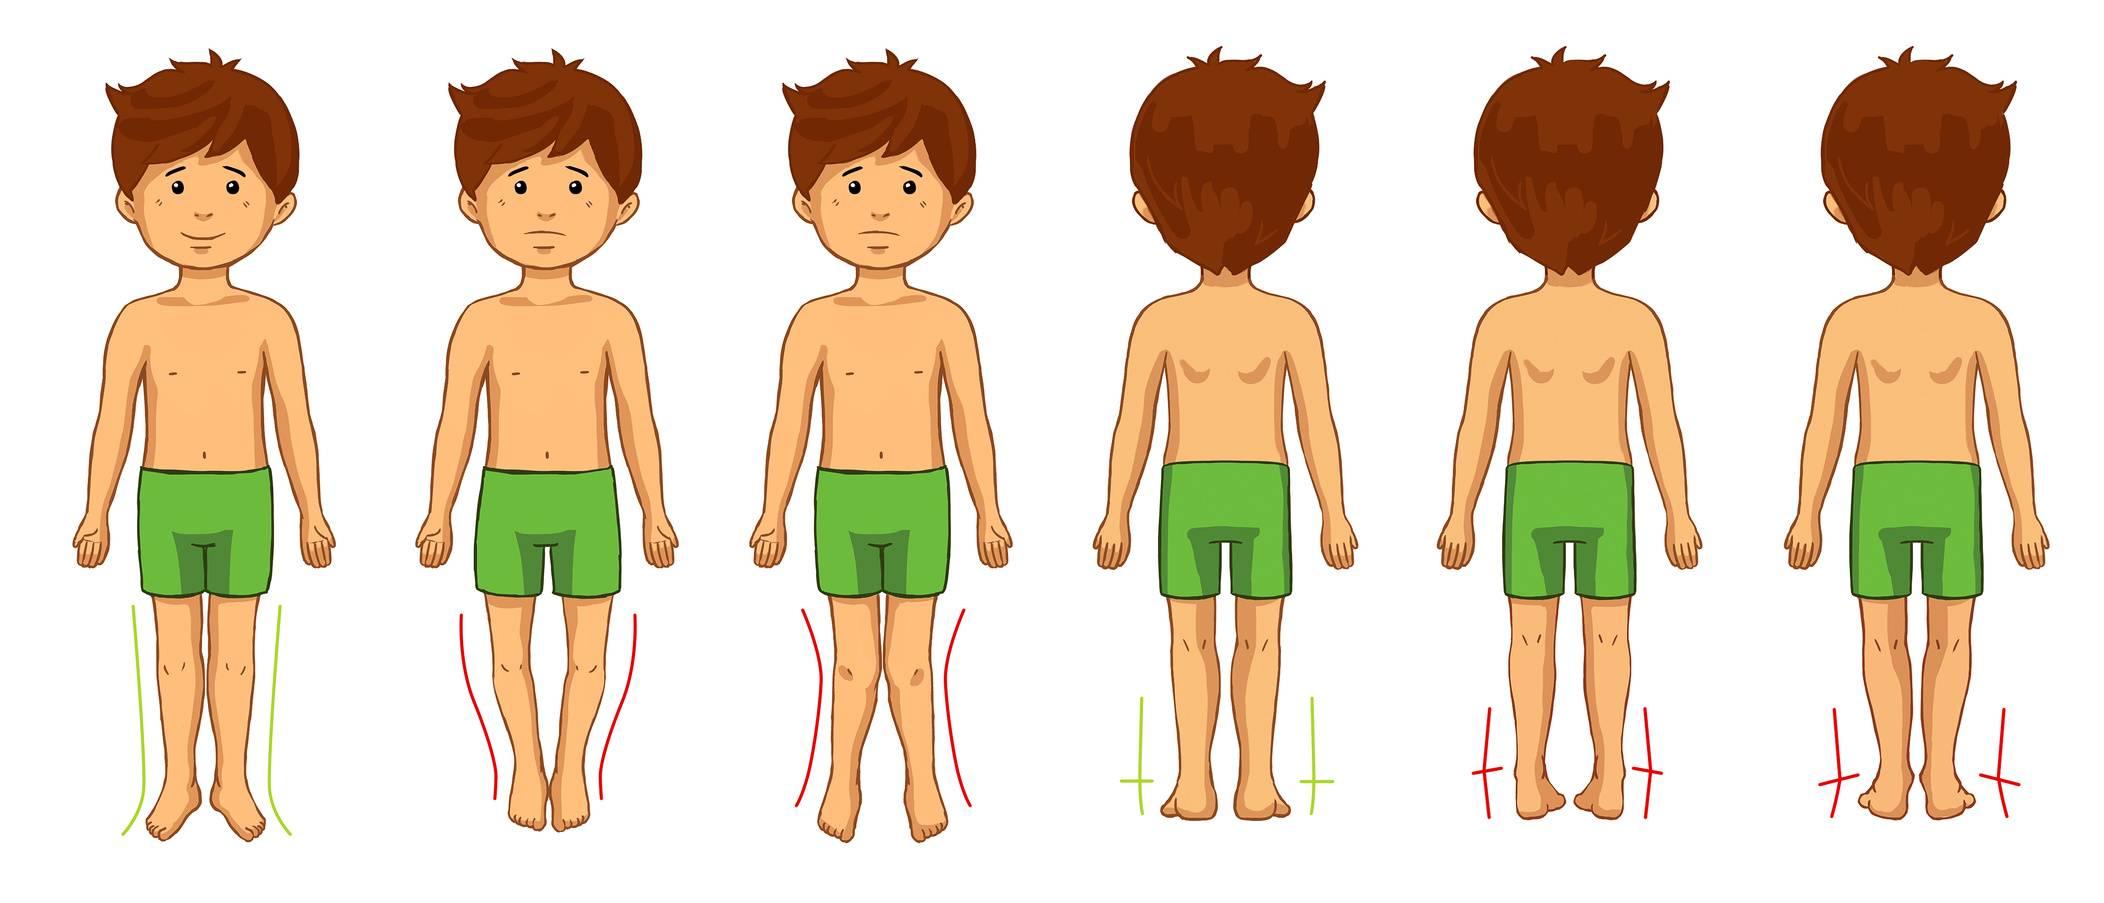 Wady postawy u dzieci - skrzywienie nóg.